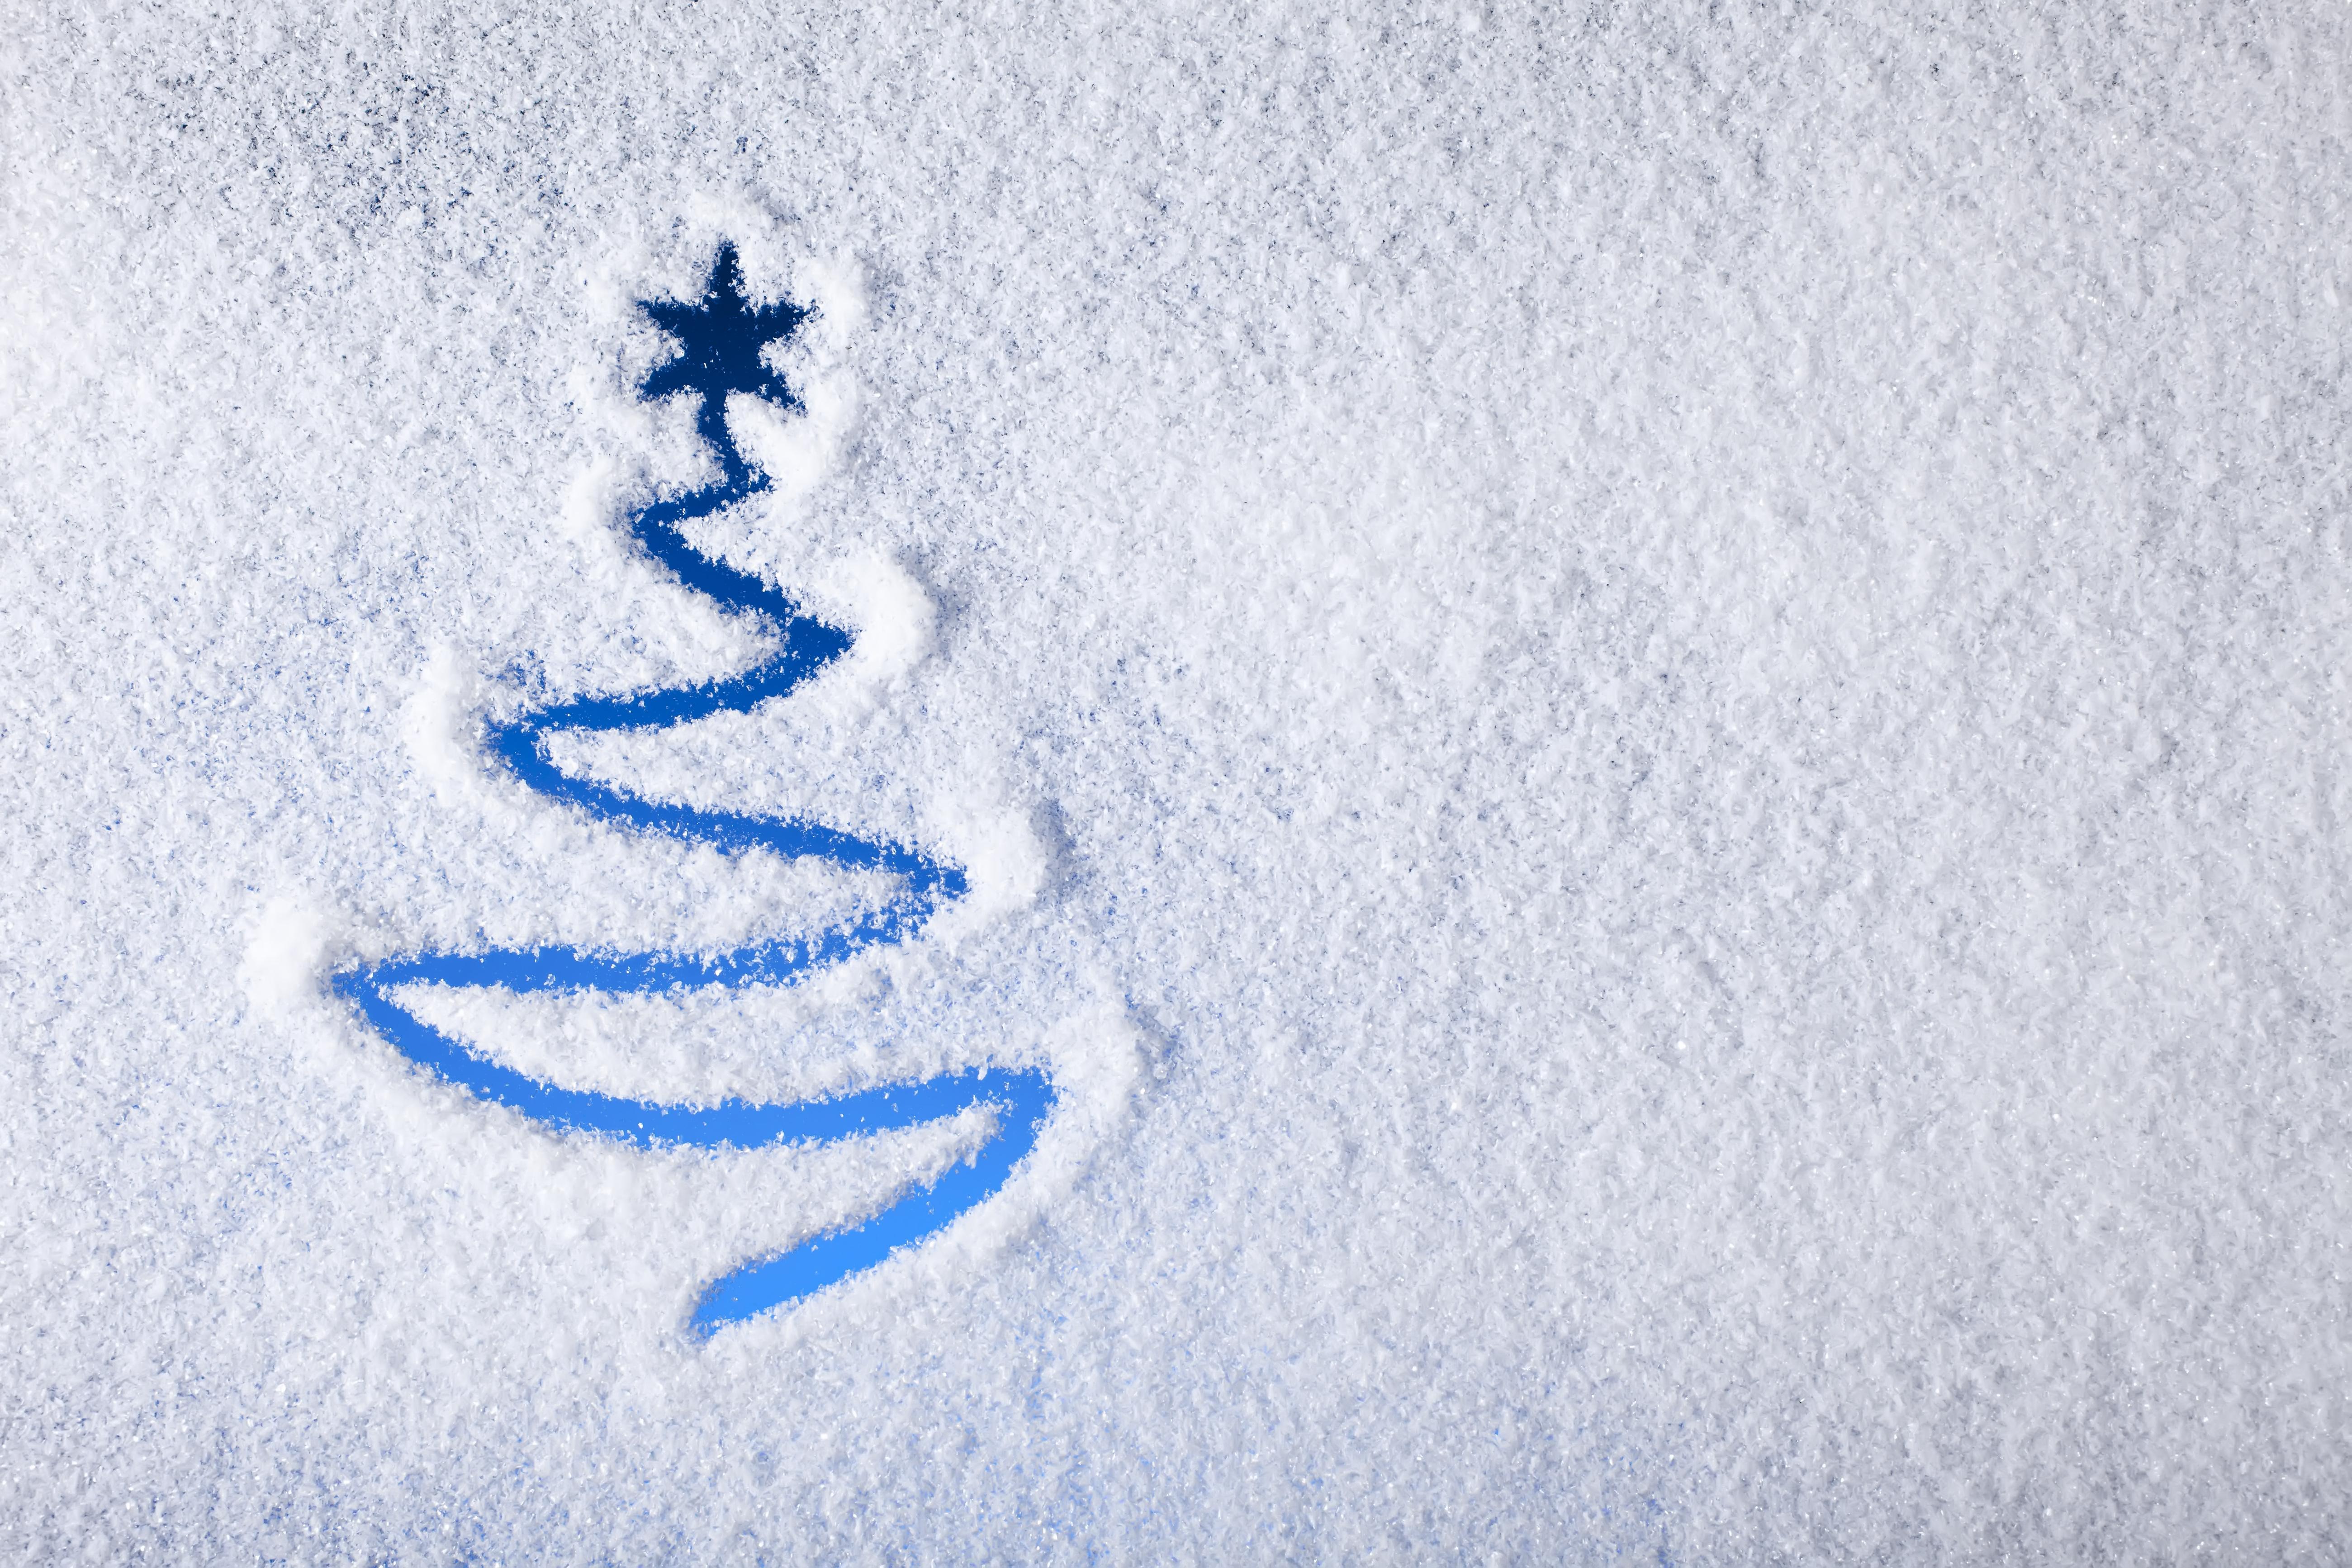 Символ января картинки